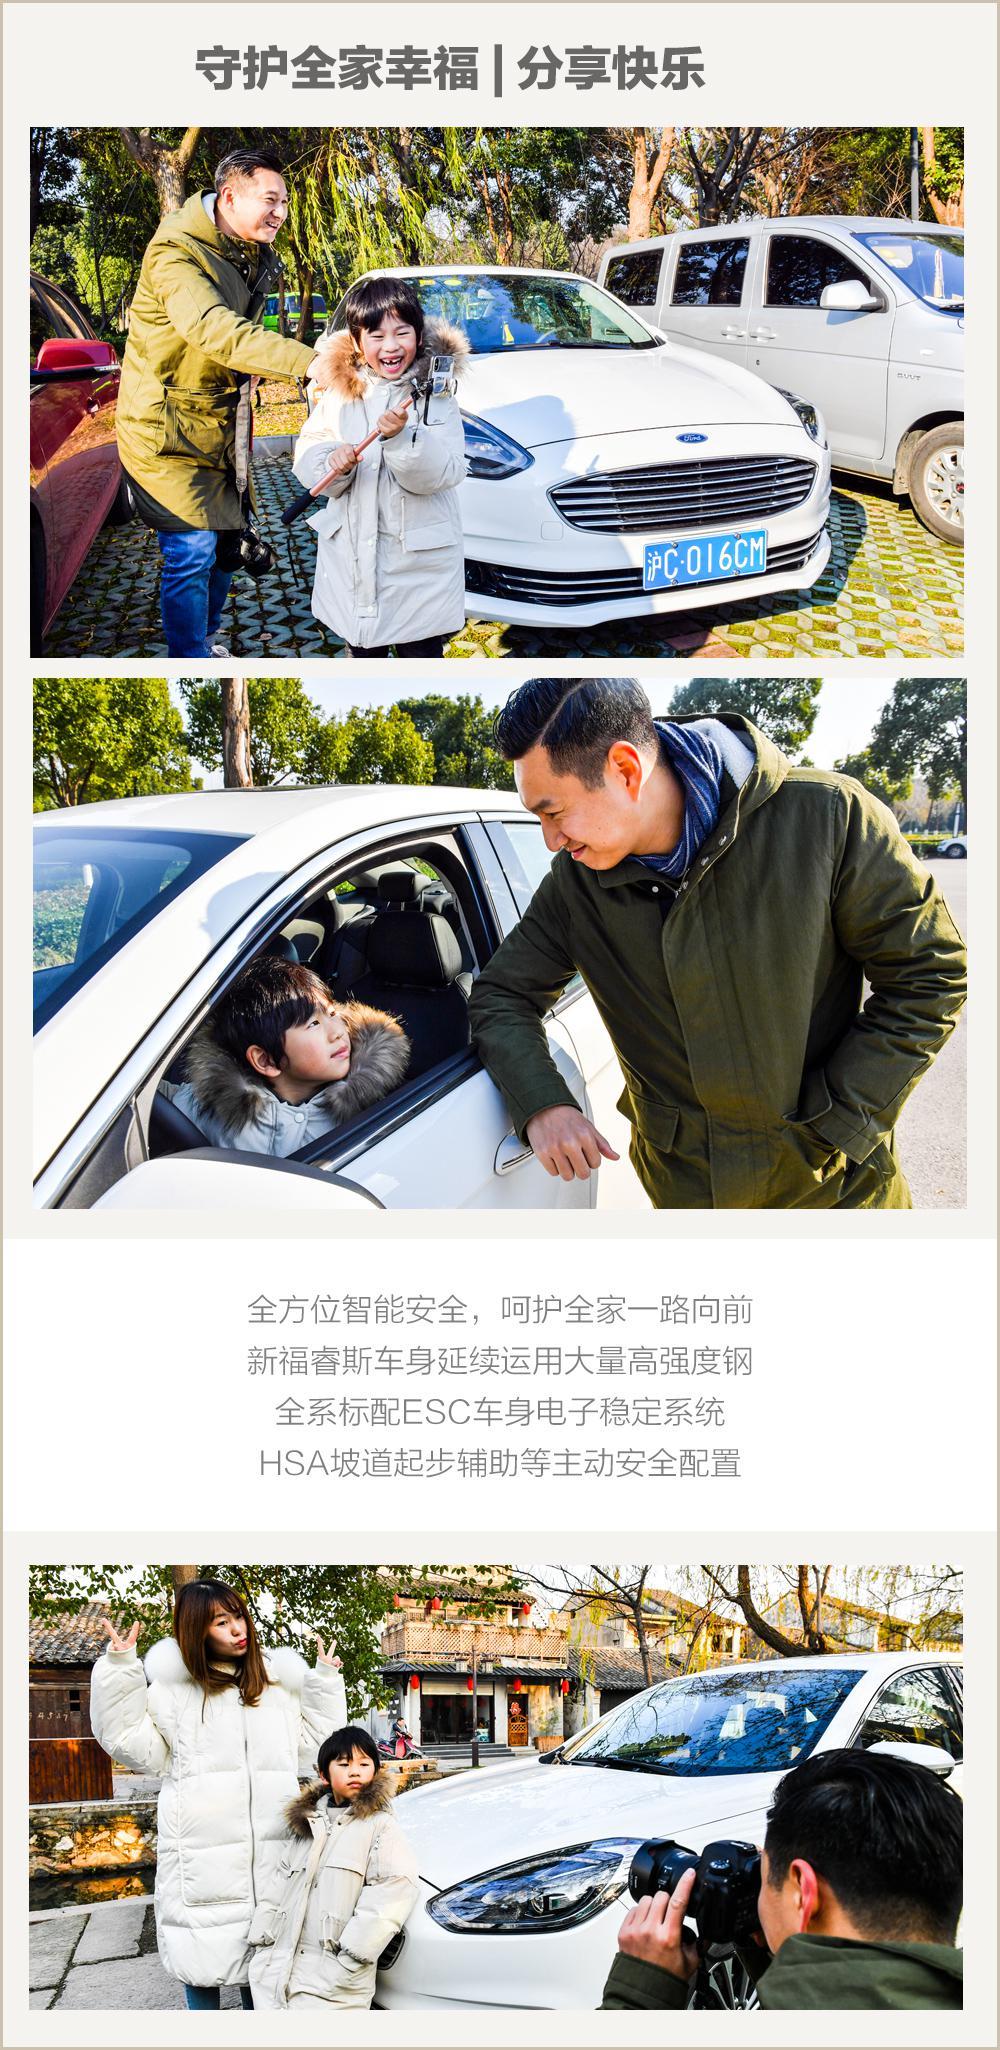 严选好车 10万级安全品质家轿的亲子游记(暂不发布)